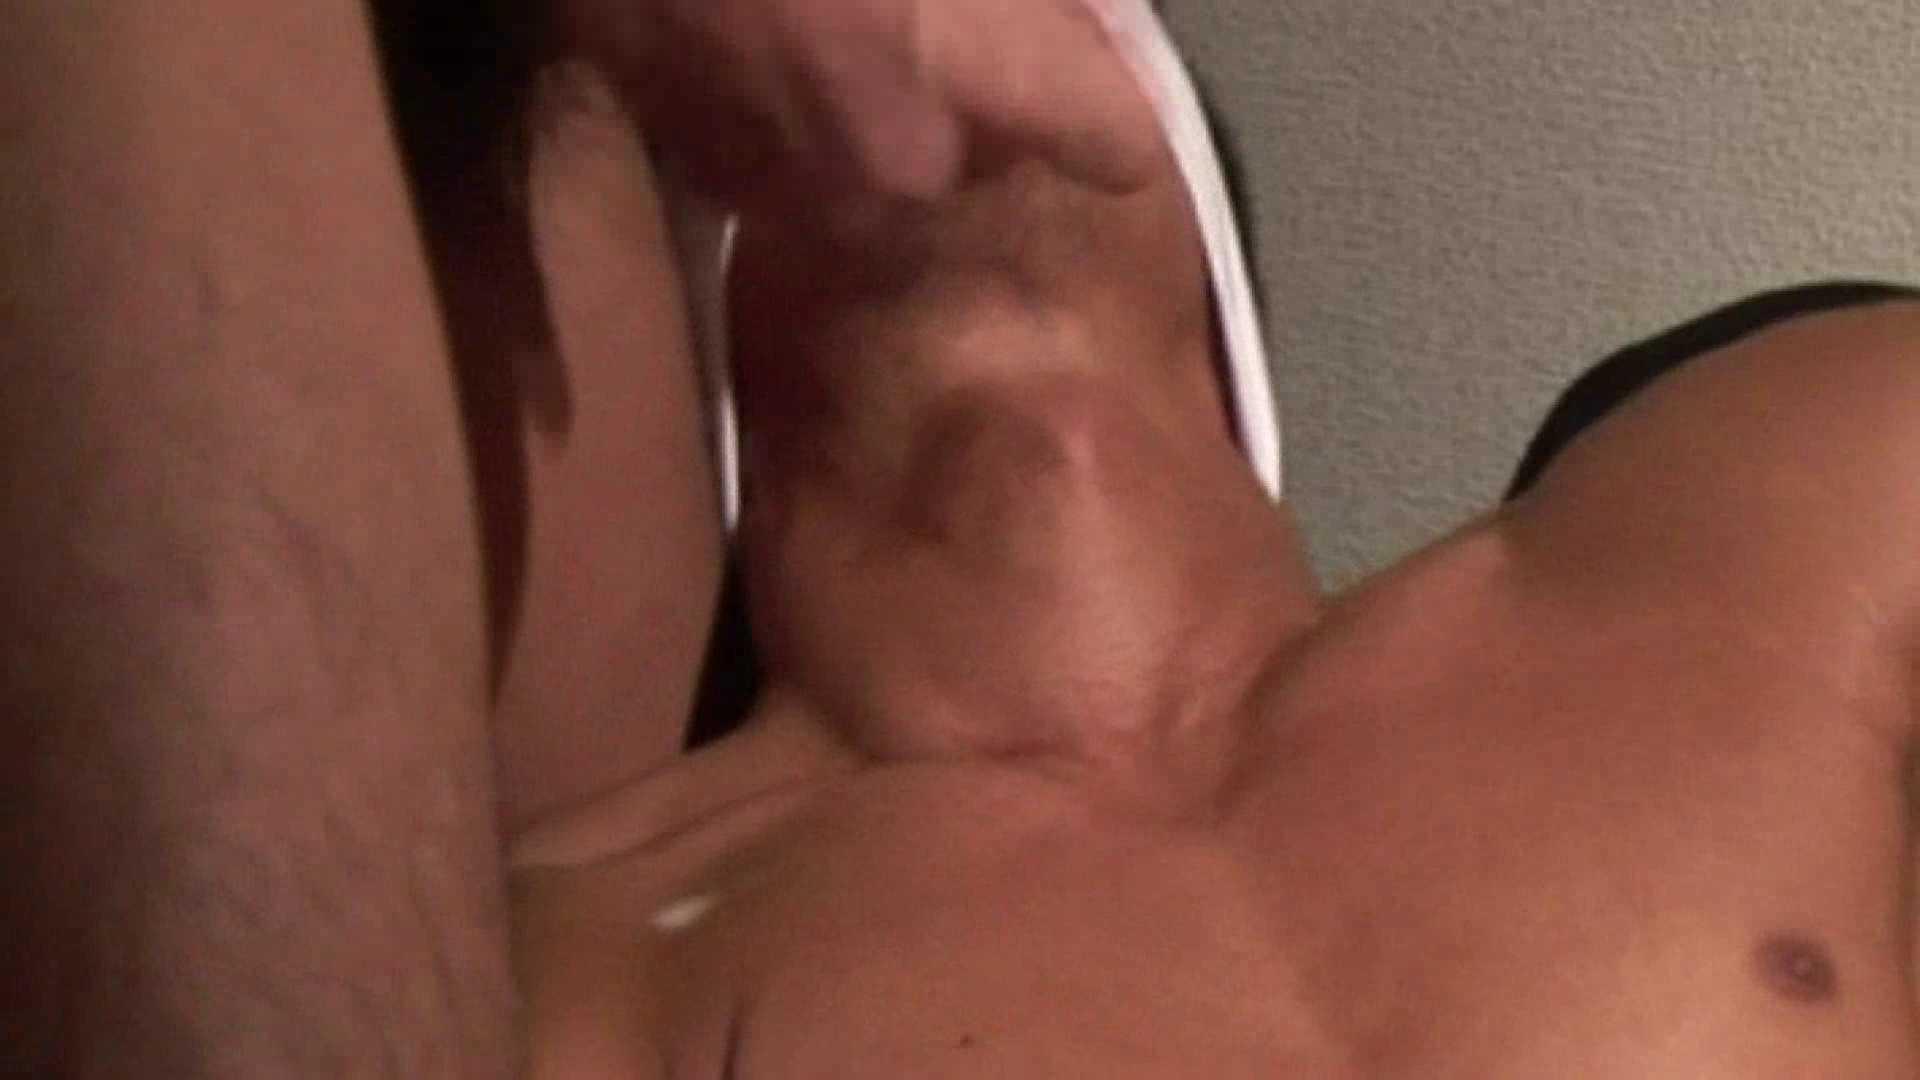 目隠しぶっかけ!男の道だぜ! ノンケのオナニー ゲイSEX画像 96連発 15